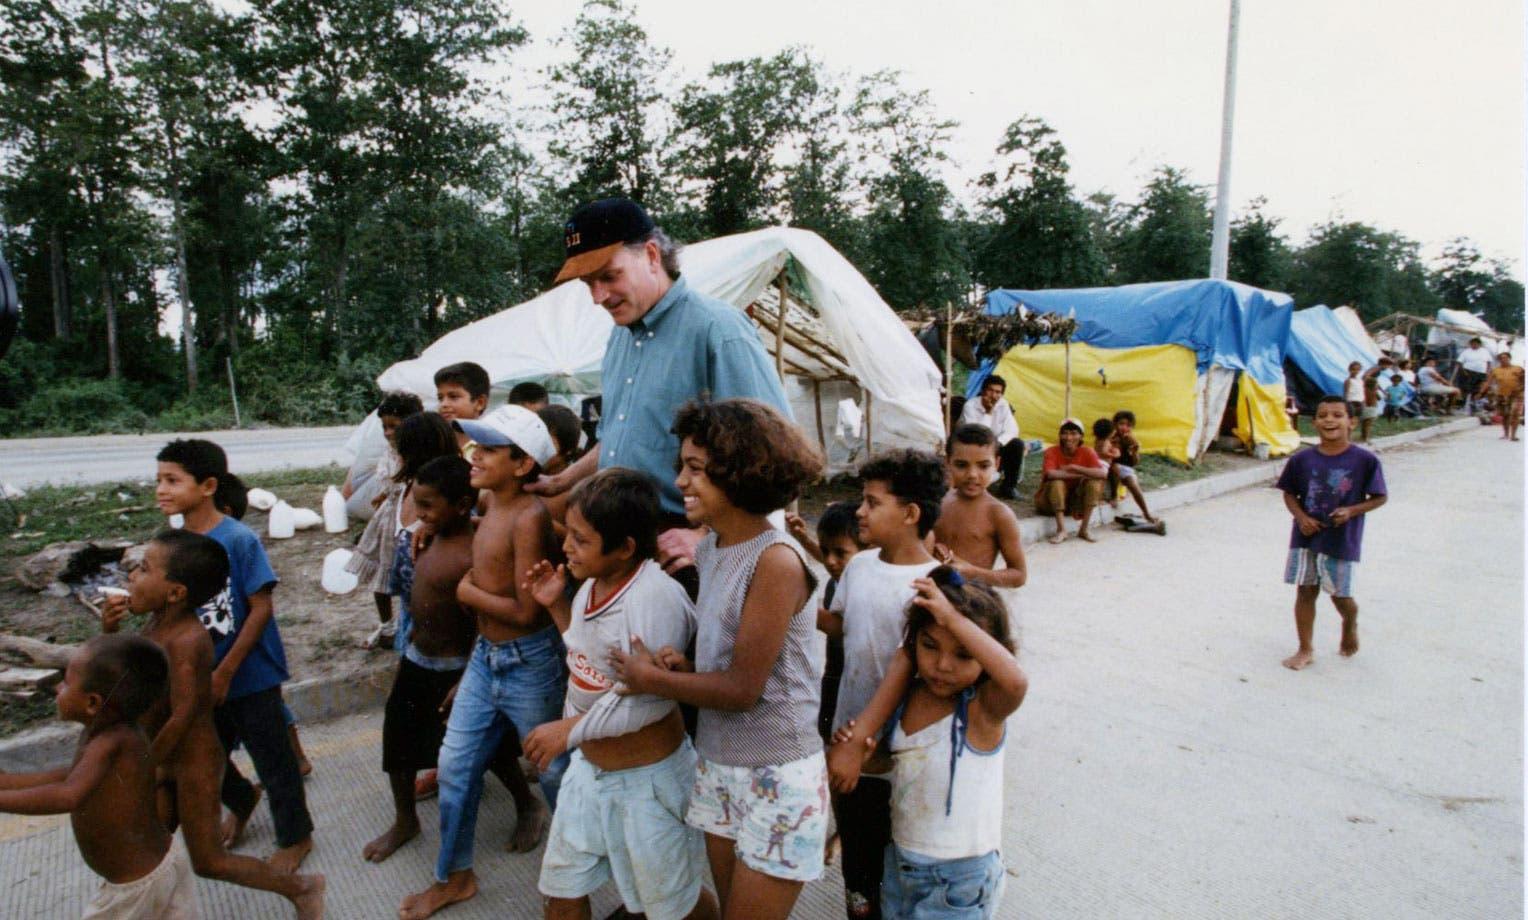 جانب من الأطفال الذين تشردوا بسبب الإعصار ميتش